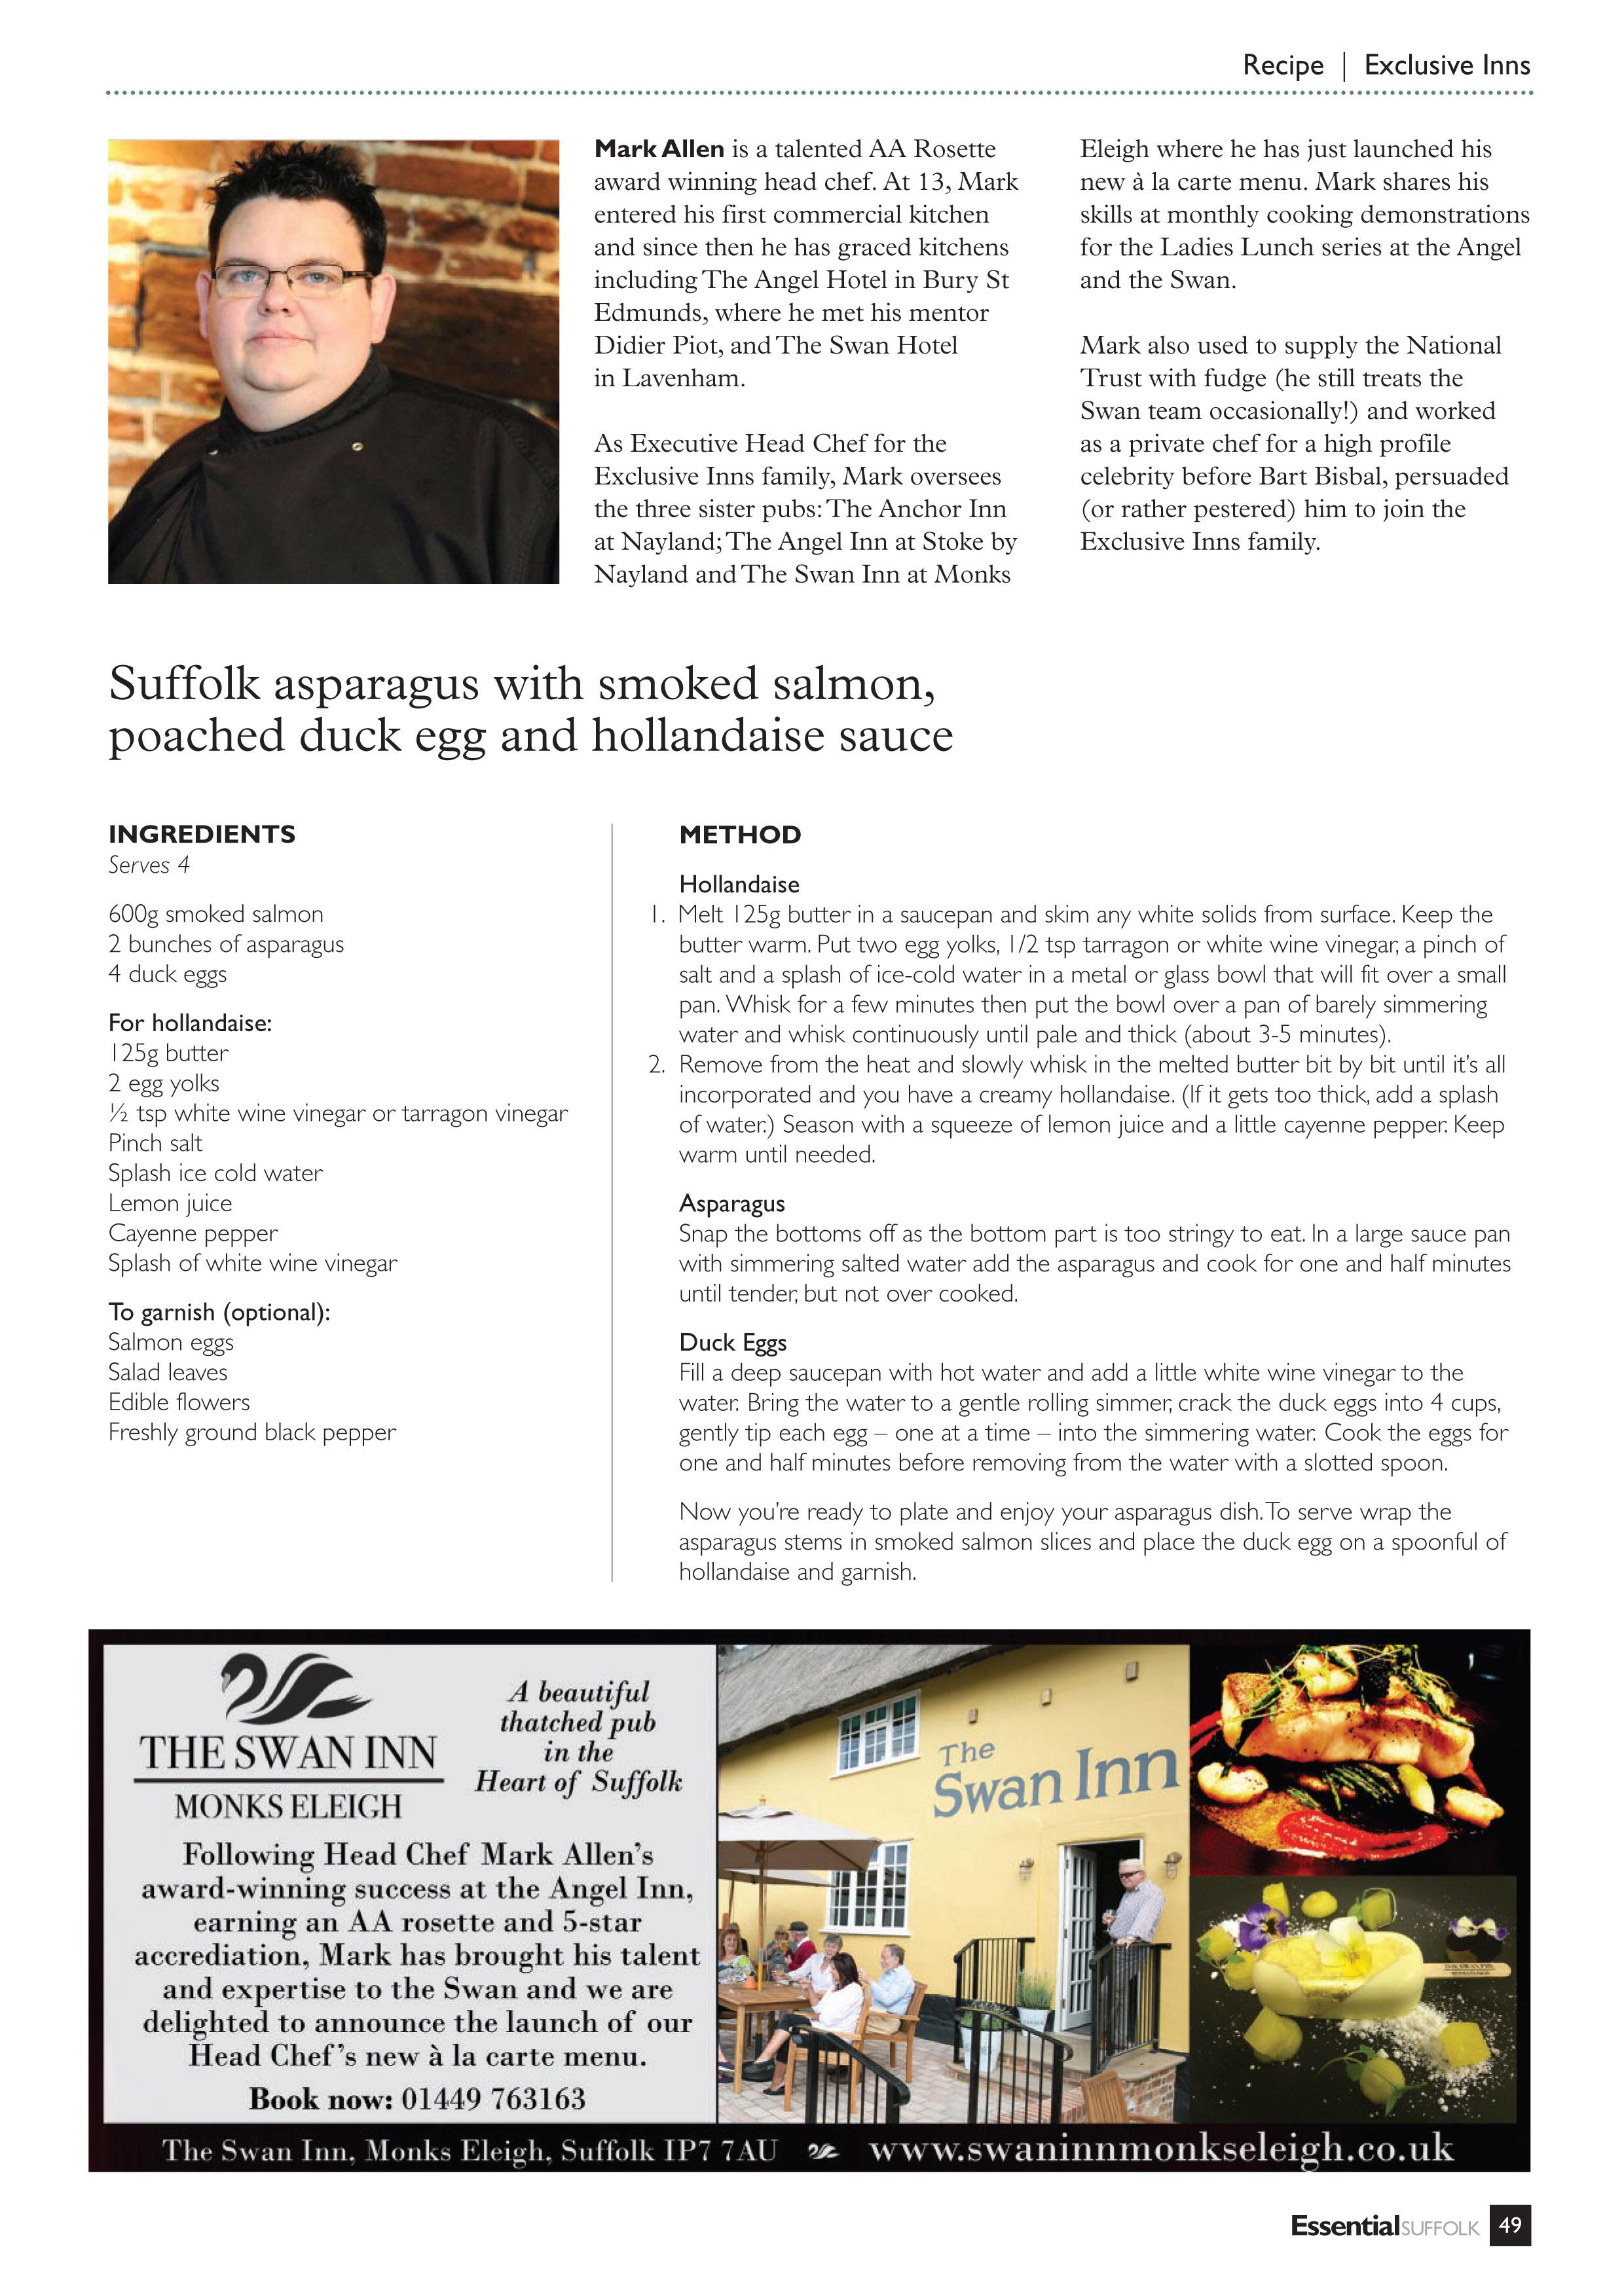 Essential Suffolk June 2015